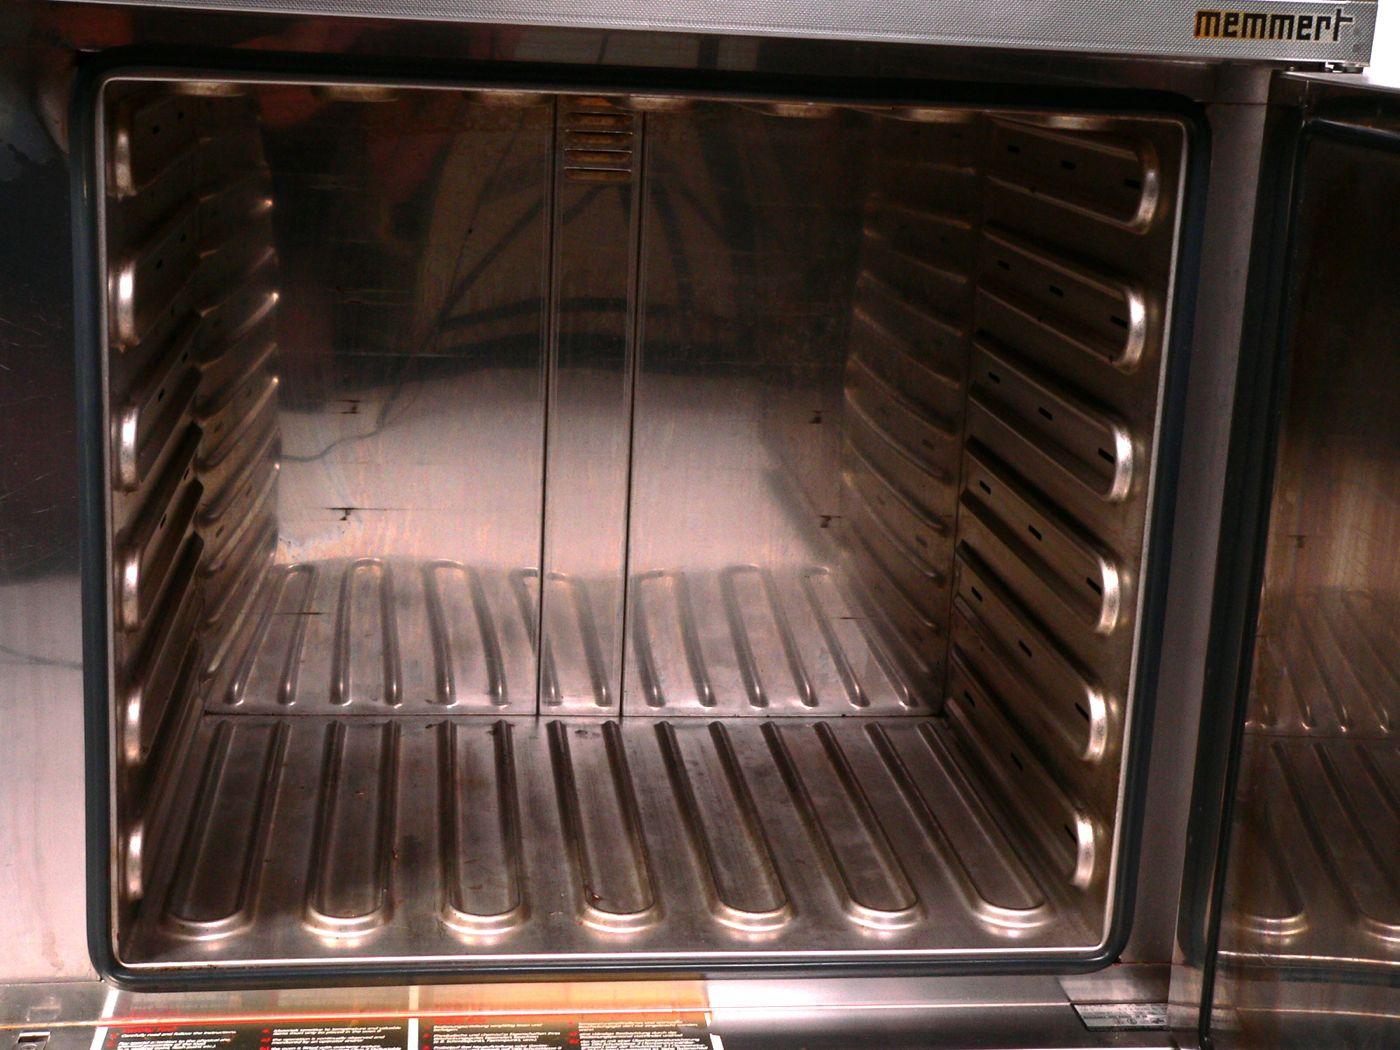 Memmert ULE500 oven - Gemini BV